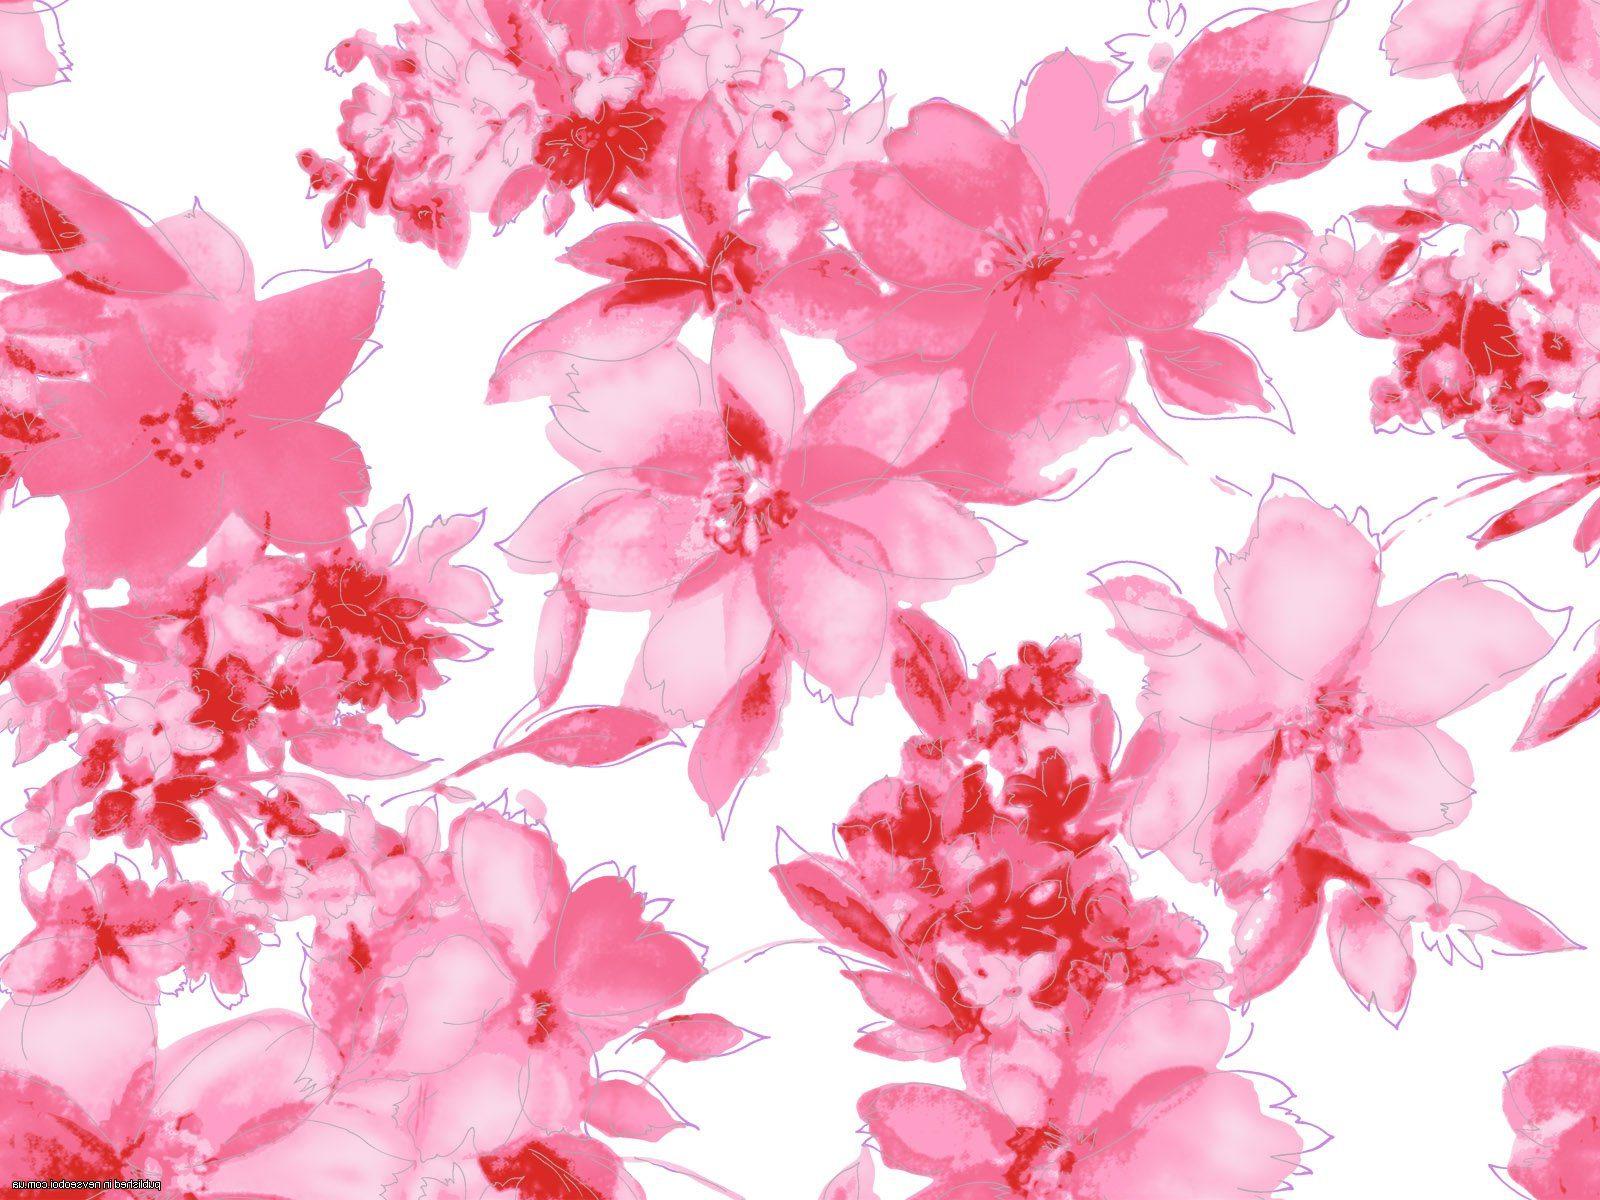 Композиции из живых цветов в корзине: обзор ФОТО! 11